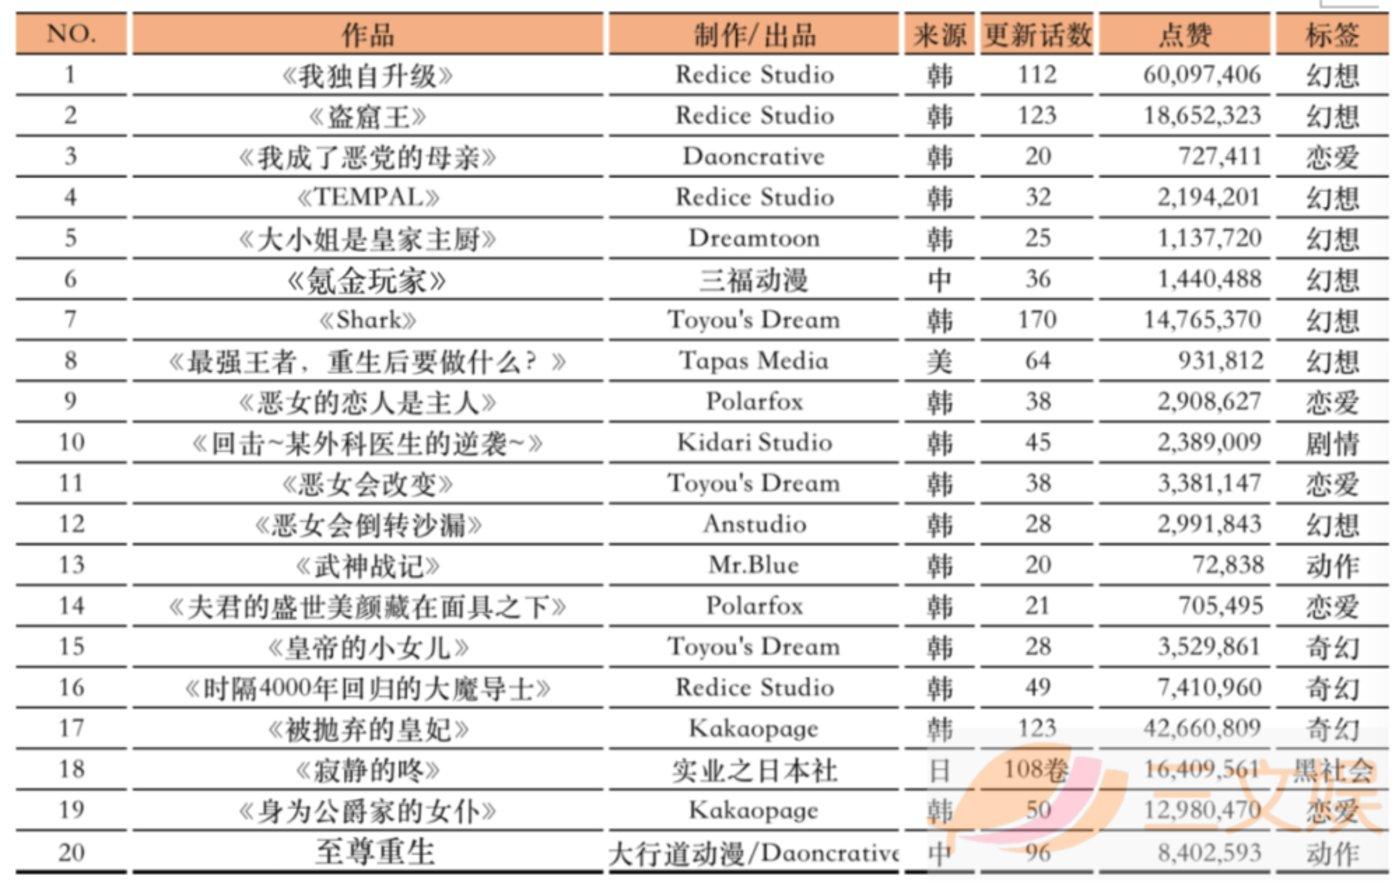 日本的漫画应用top20